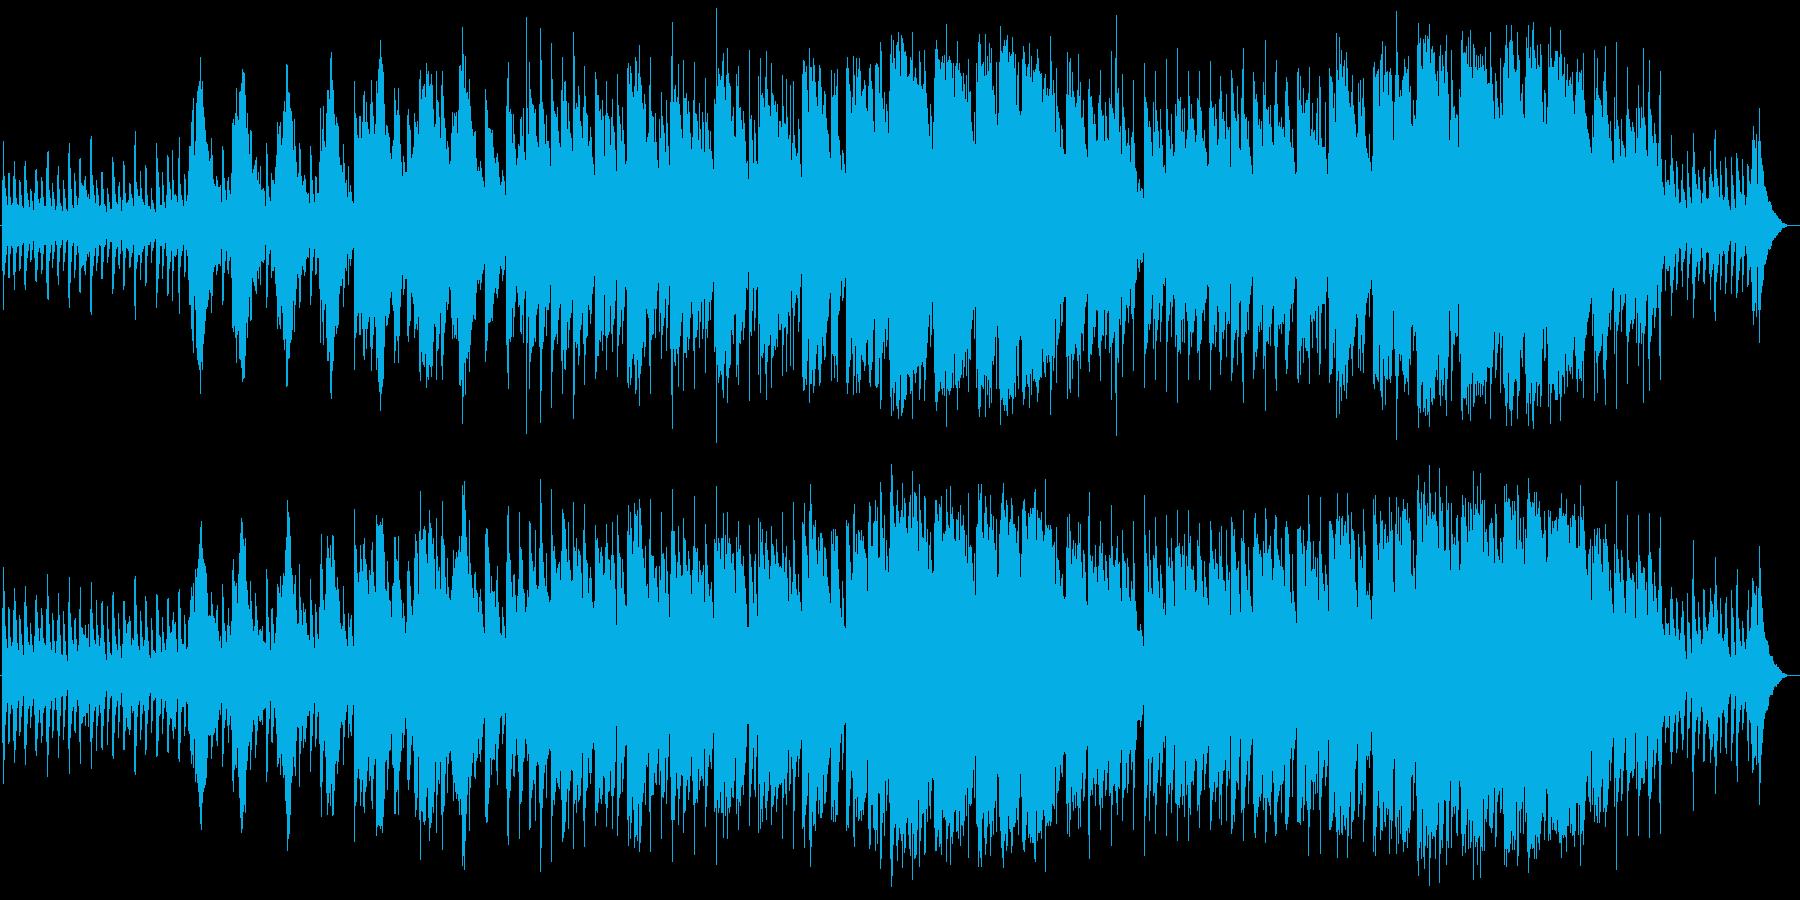 切なく美しいバイオリンピアノサウンドの再生済みの波形